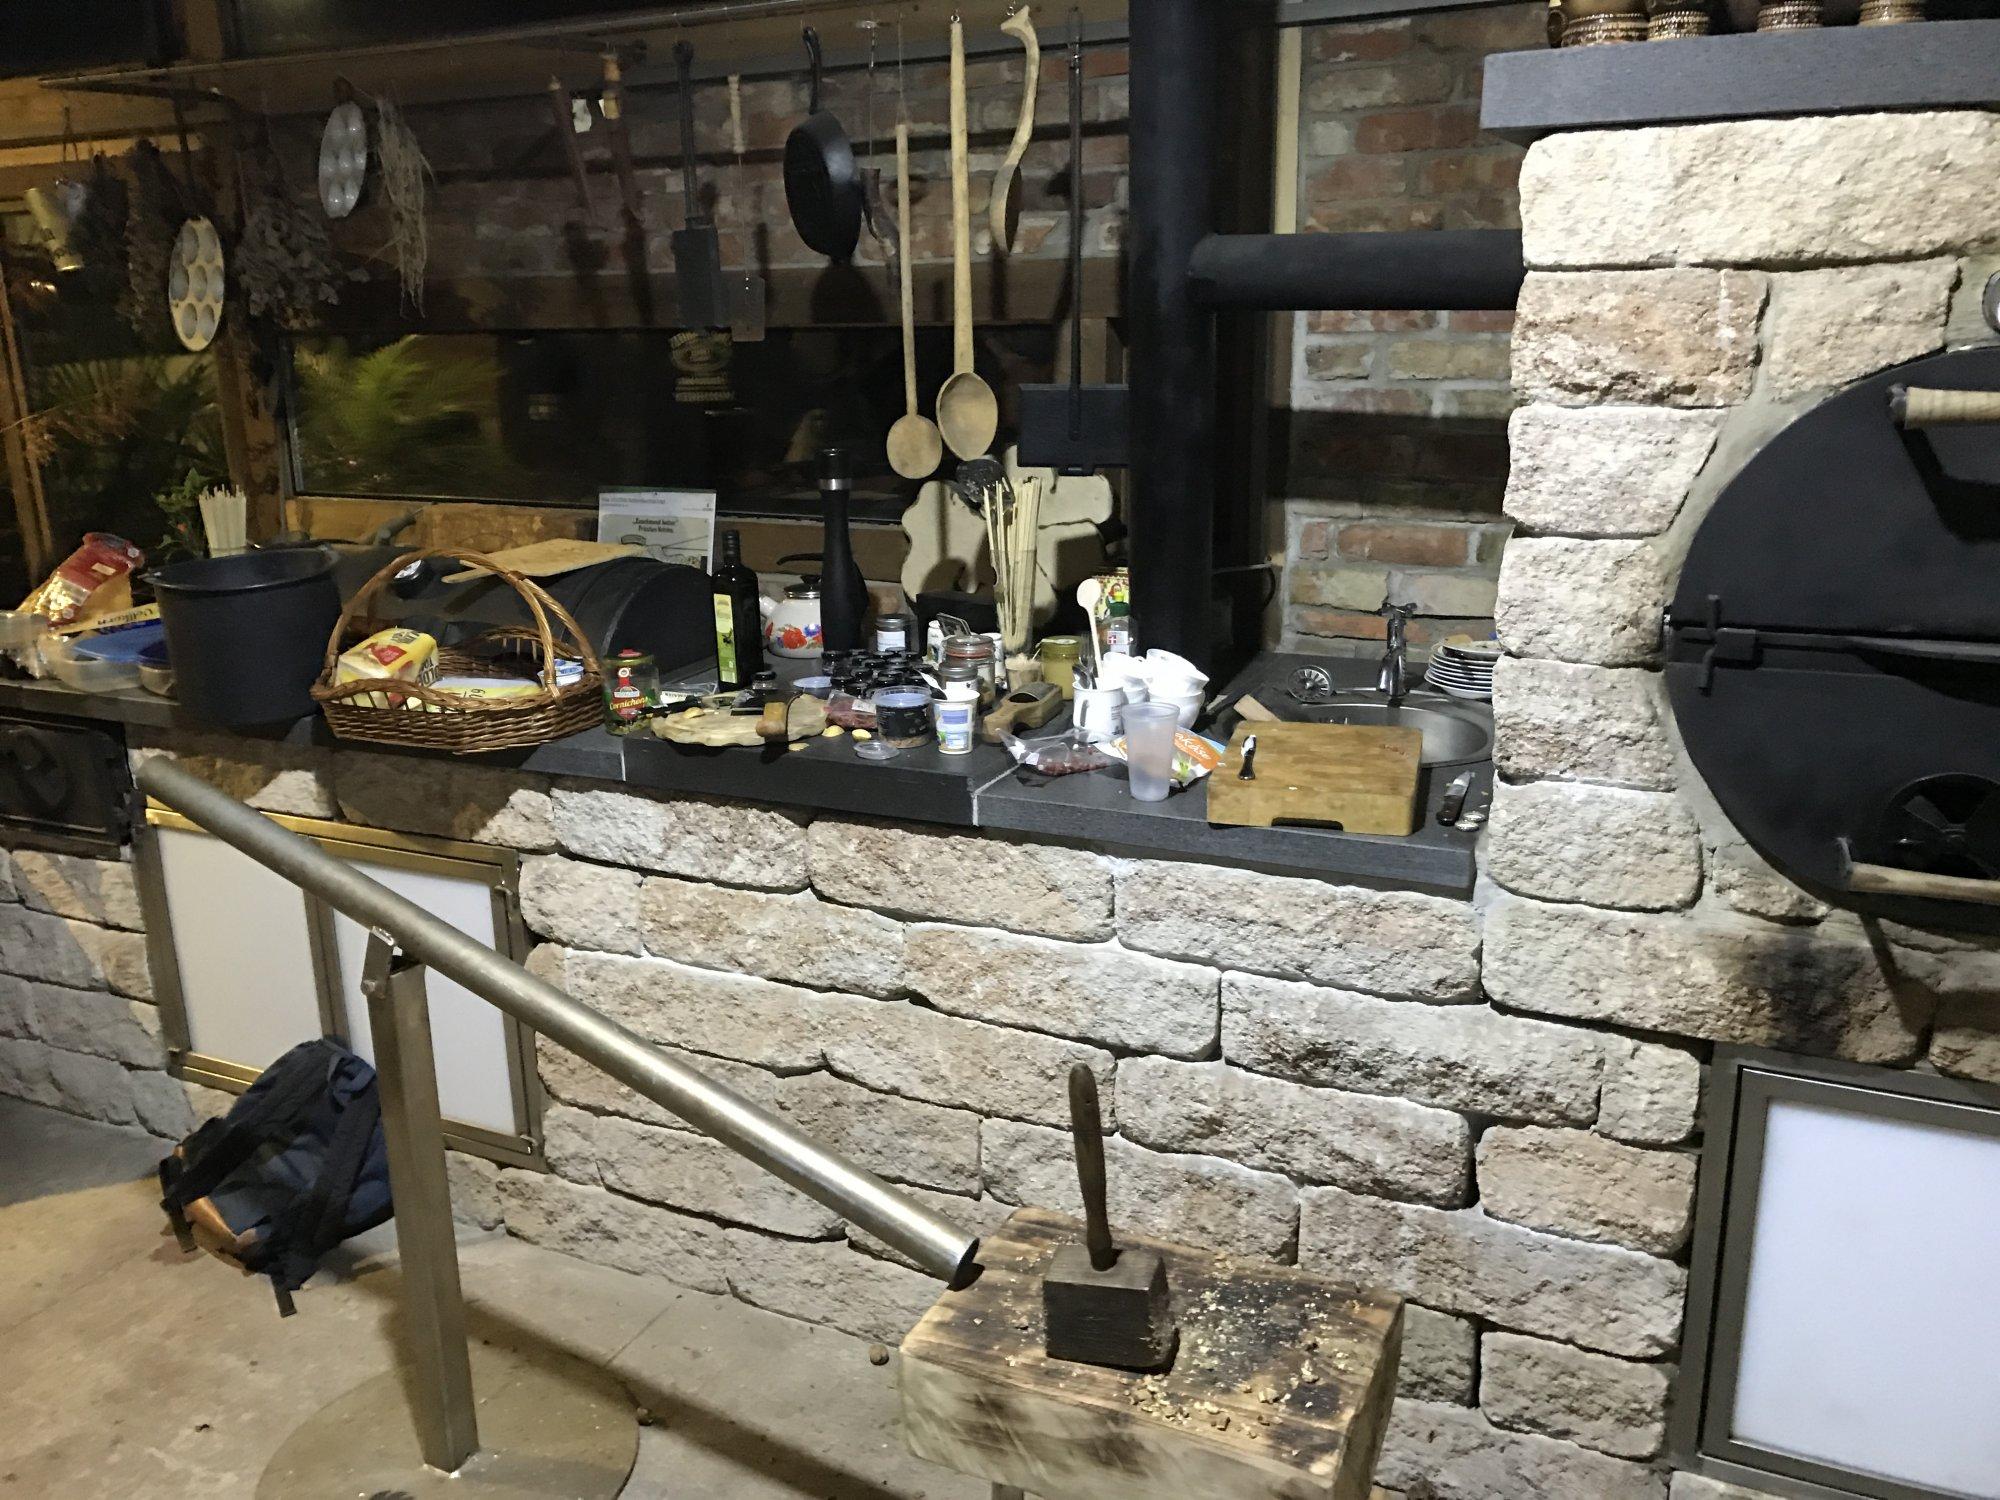 Outdoorküche Stein Xl : Outdoorküche planen tipps rund um den freiluft kochplatz mein